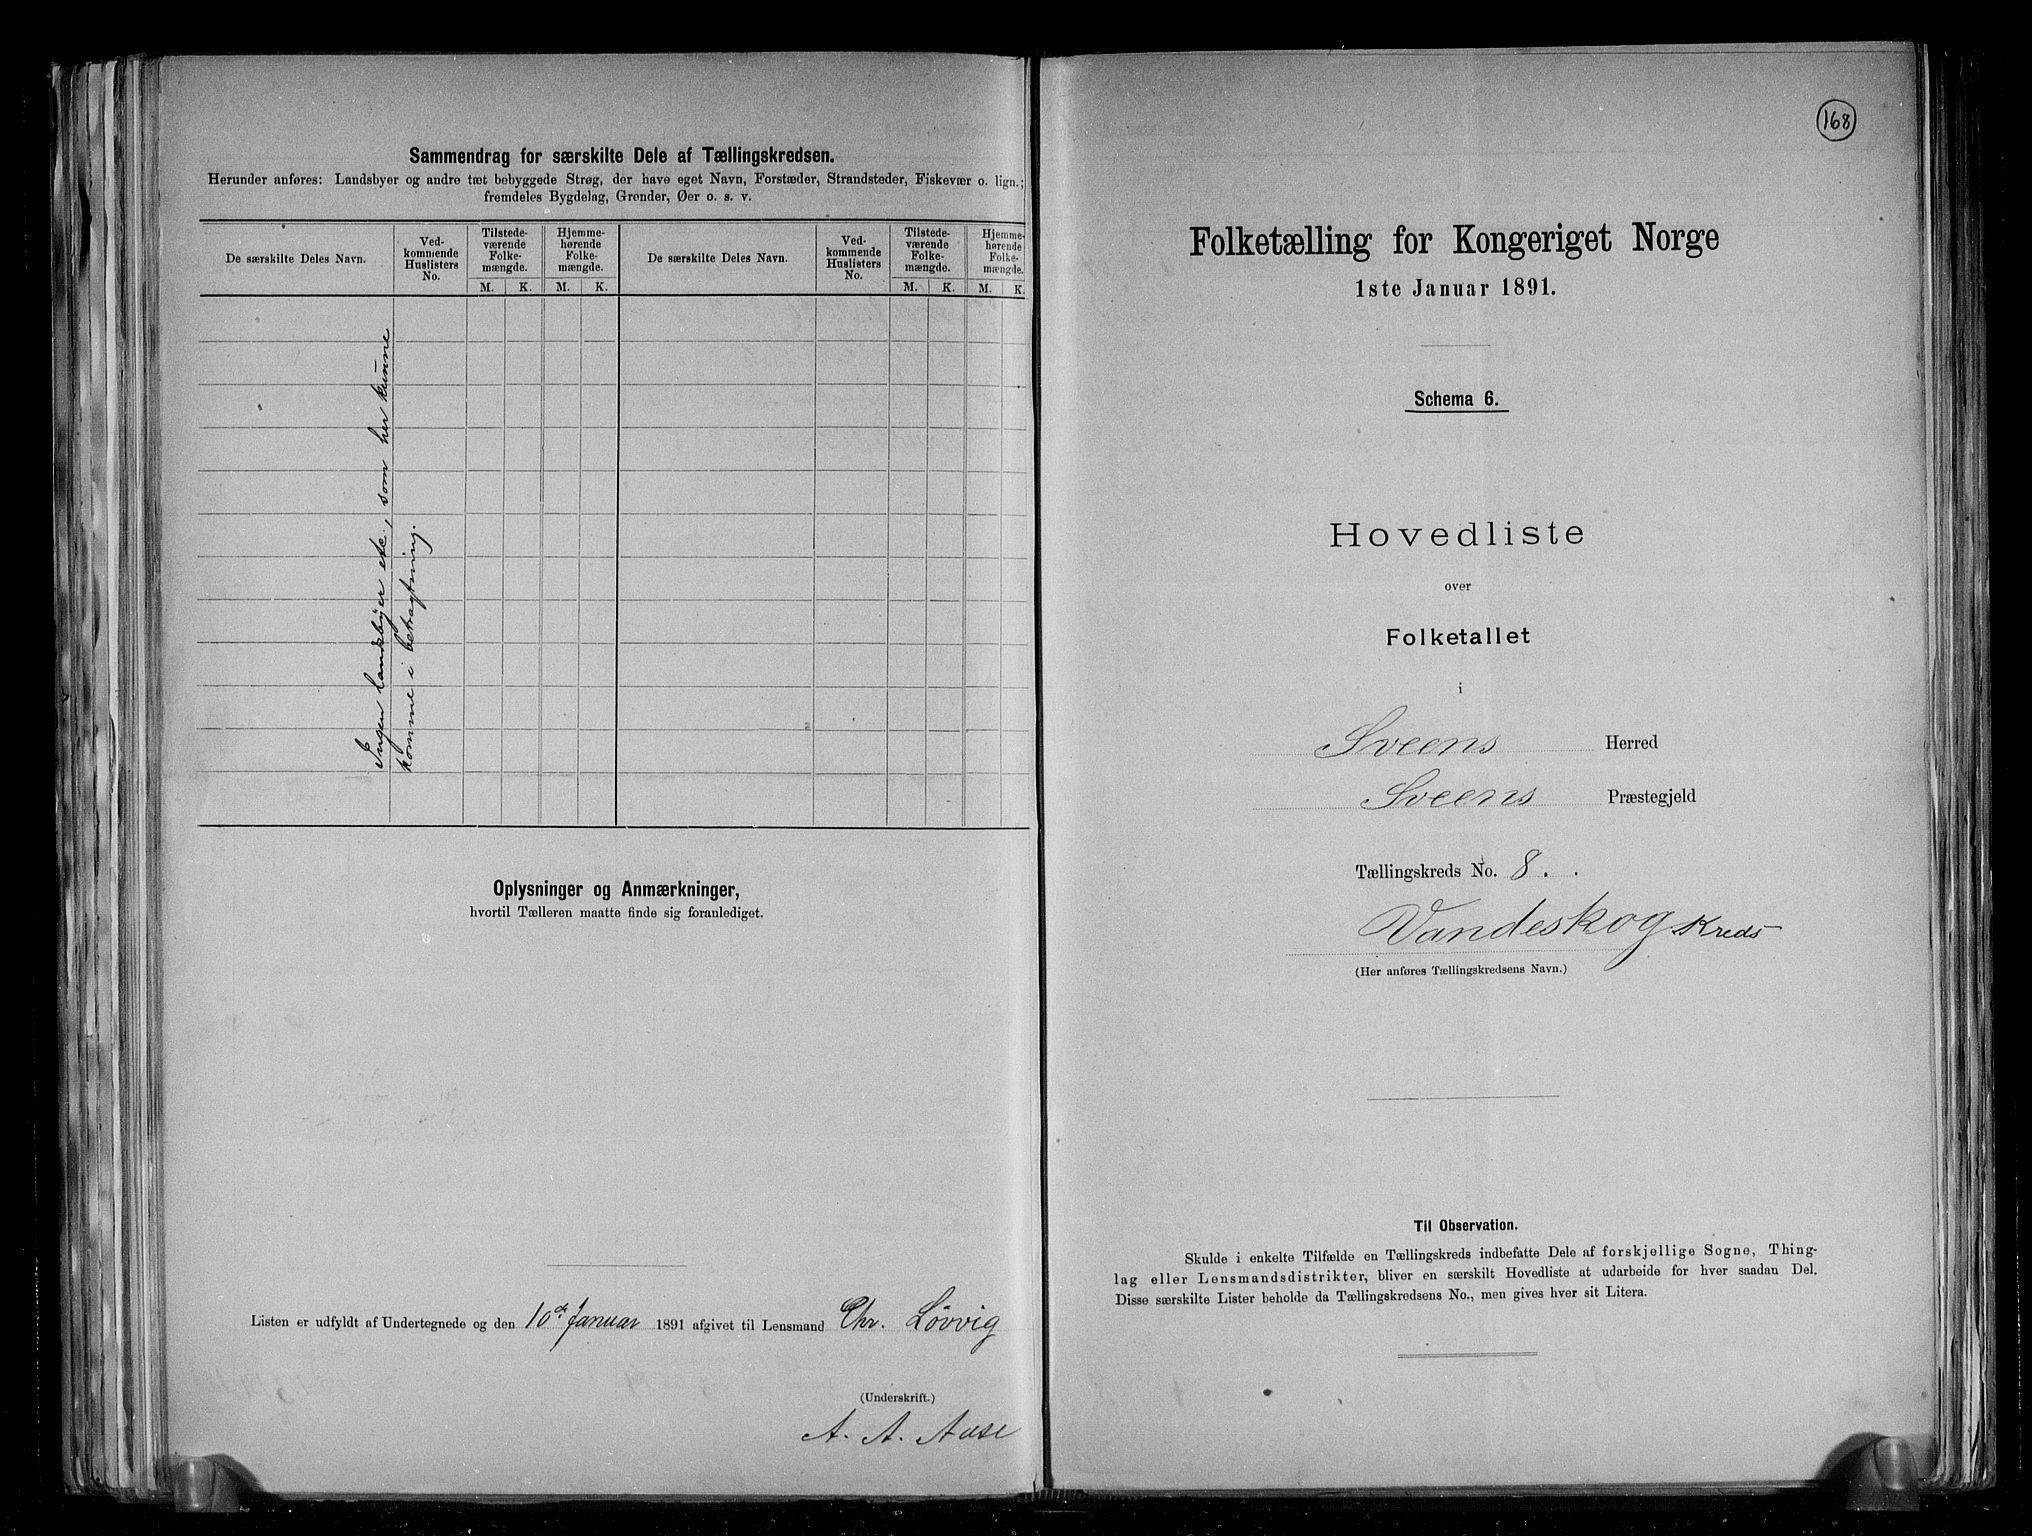 RA, Folketelling 1891 for 1216 Sveio herred, 1891, s. 18